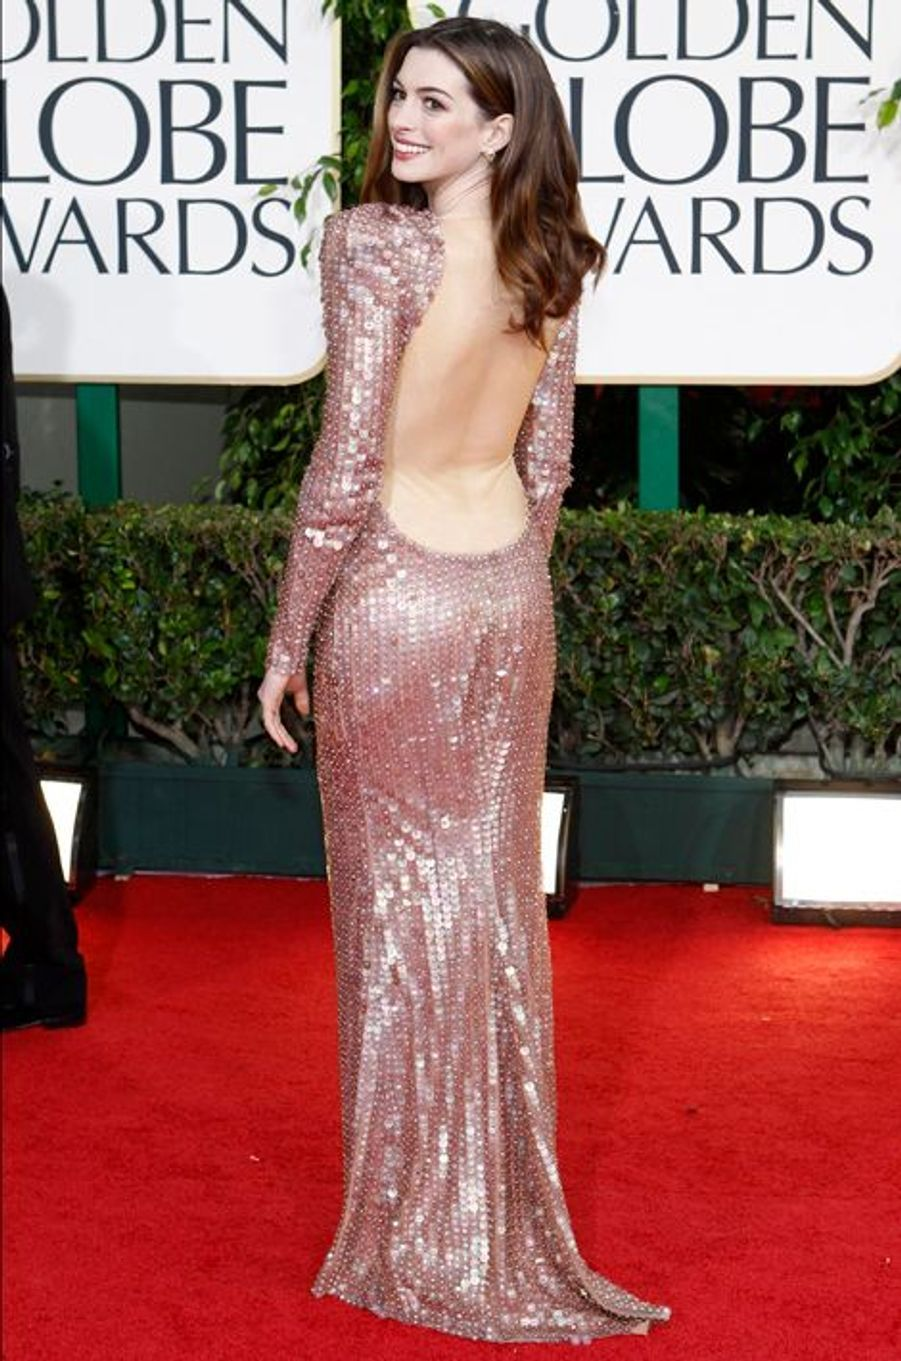 Anne Hathaway aux Golden Globe Awards 2011.